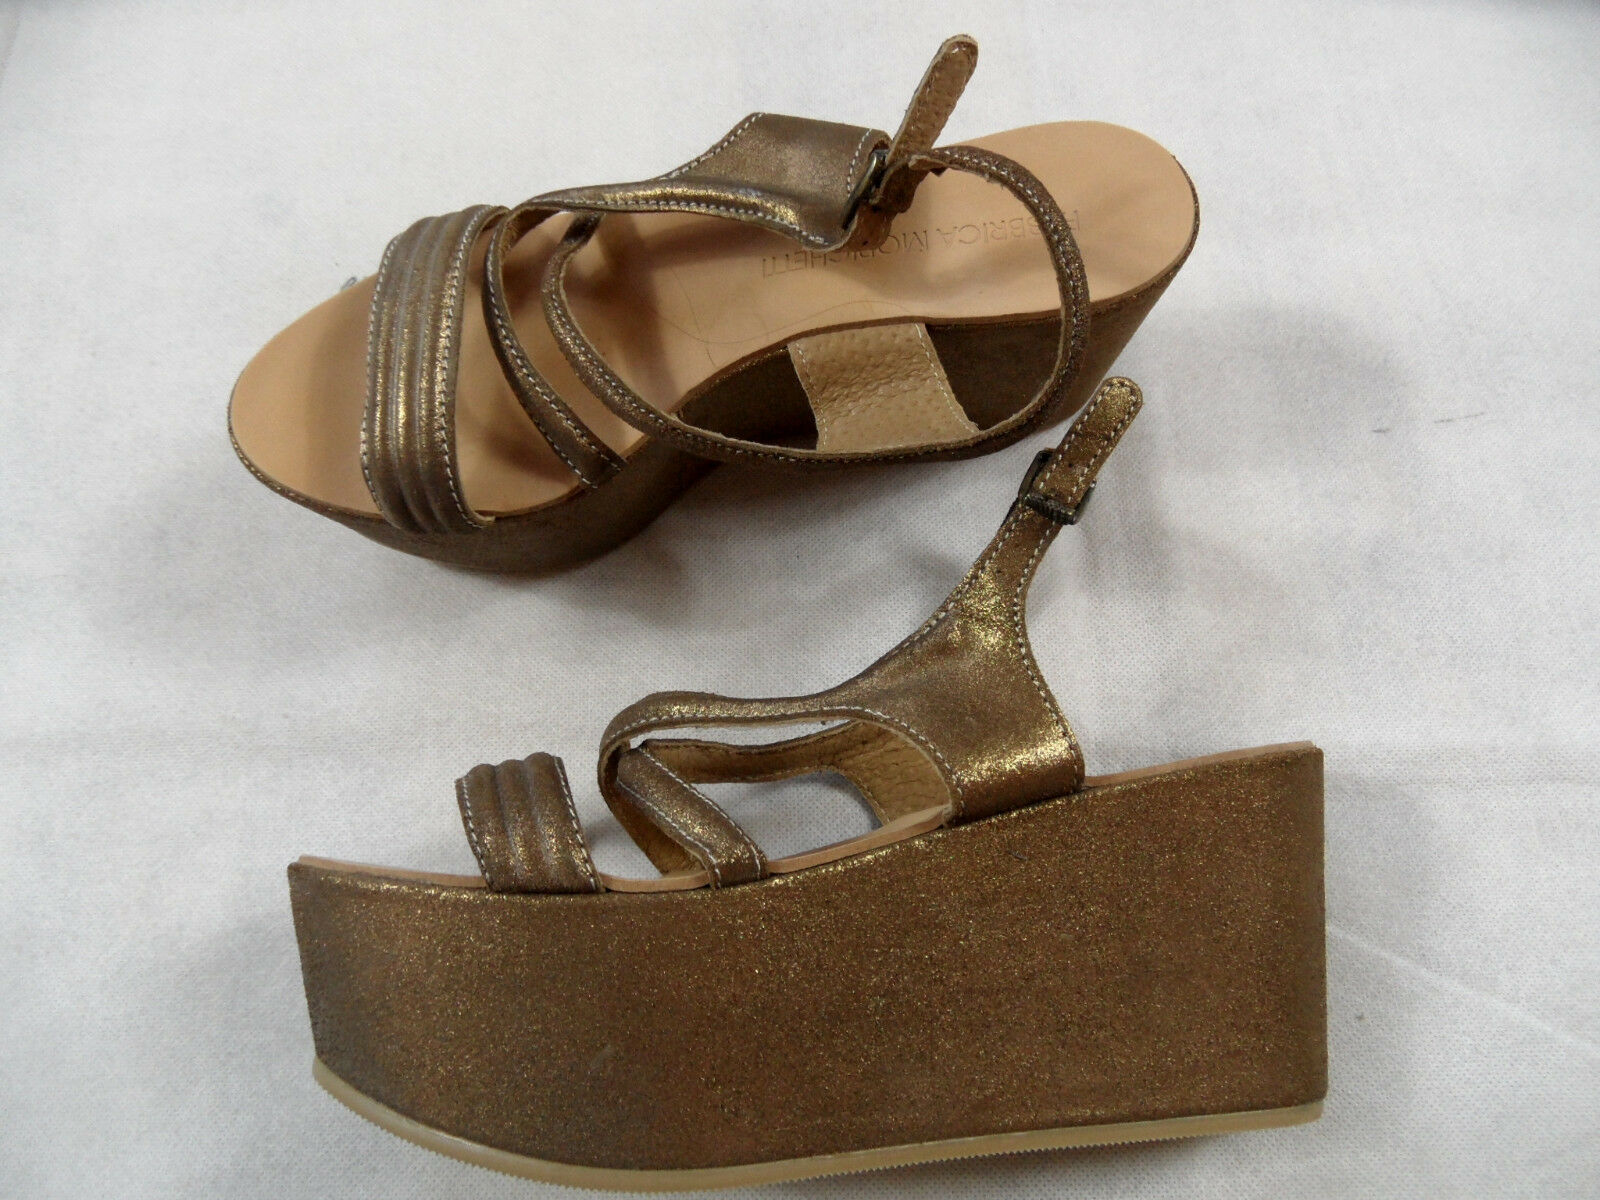 Fabbrica morichetti elegantes sandalias sandalias sandalias de plataforma oro talla 37 nuevo bb718  tienda de descuento